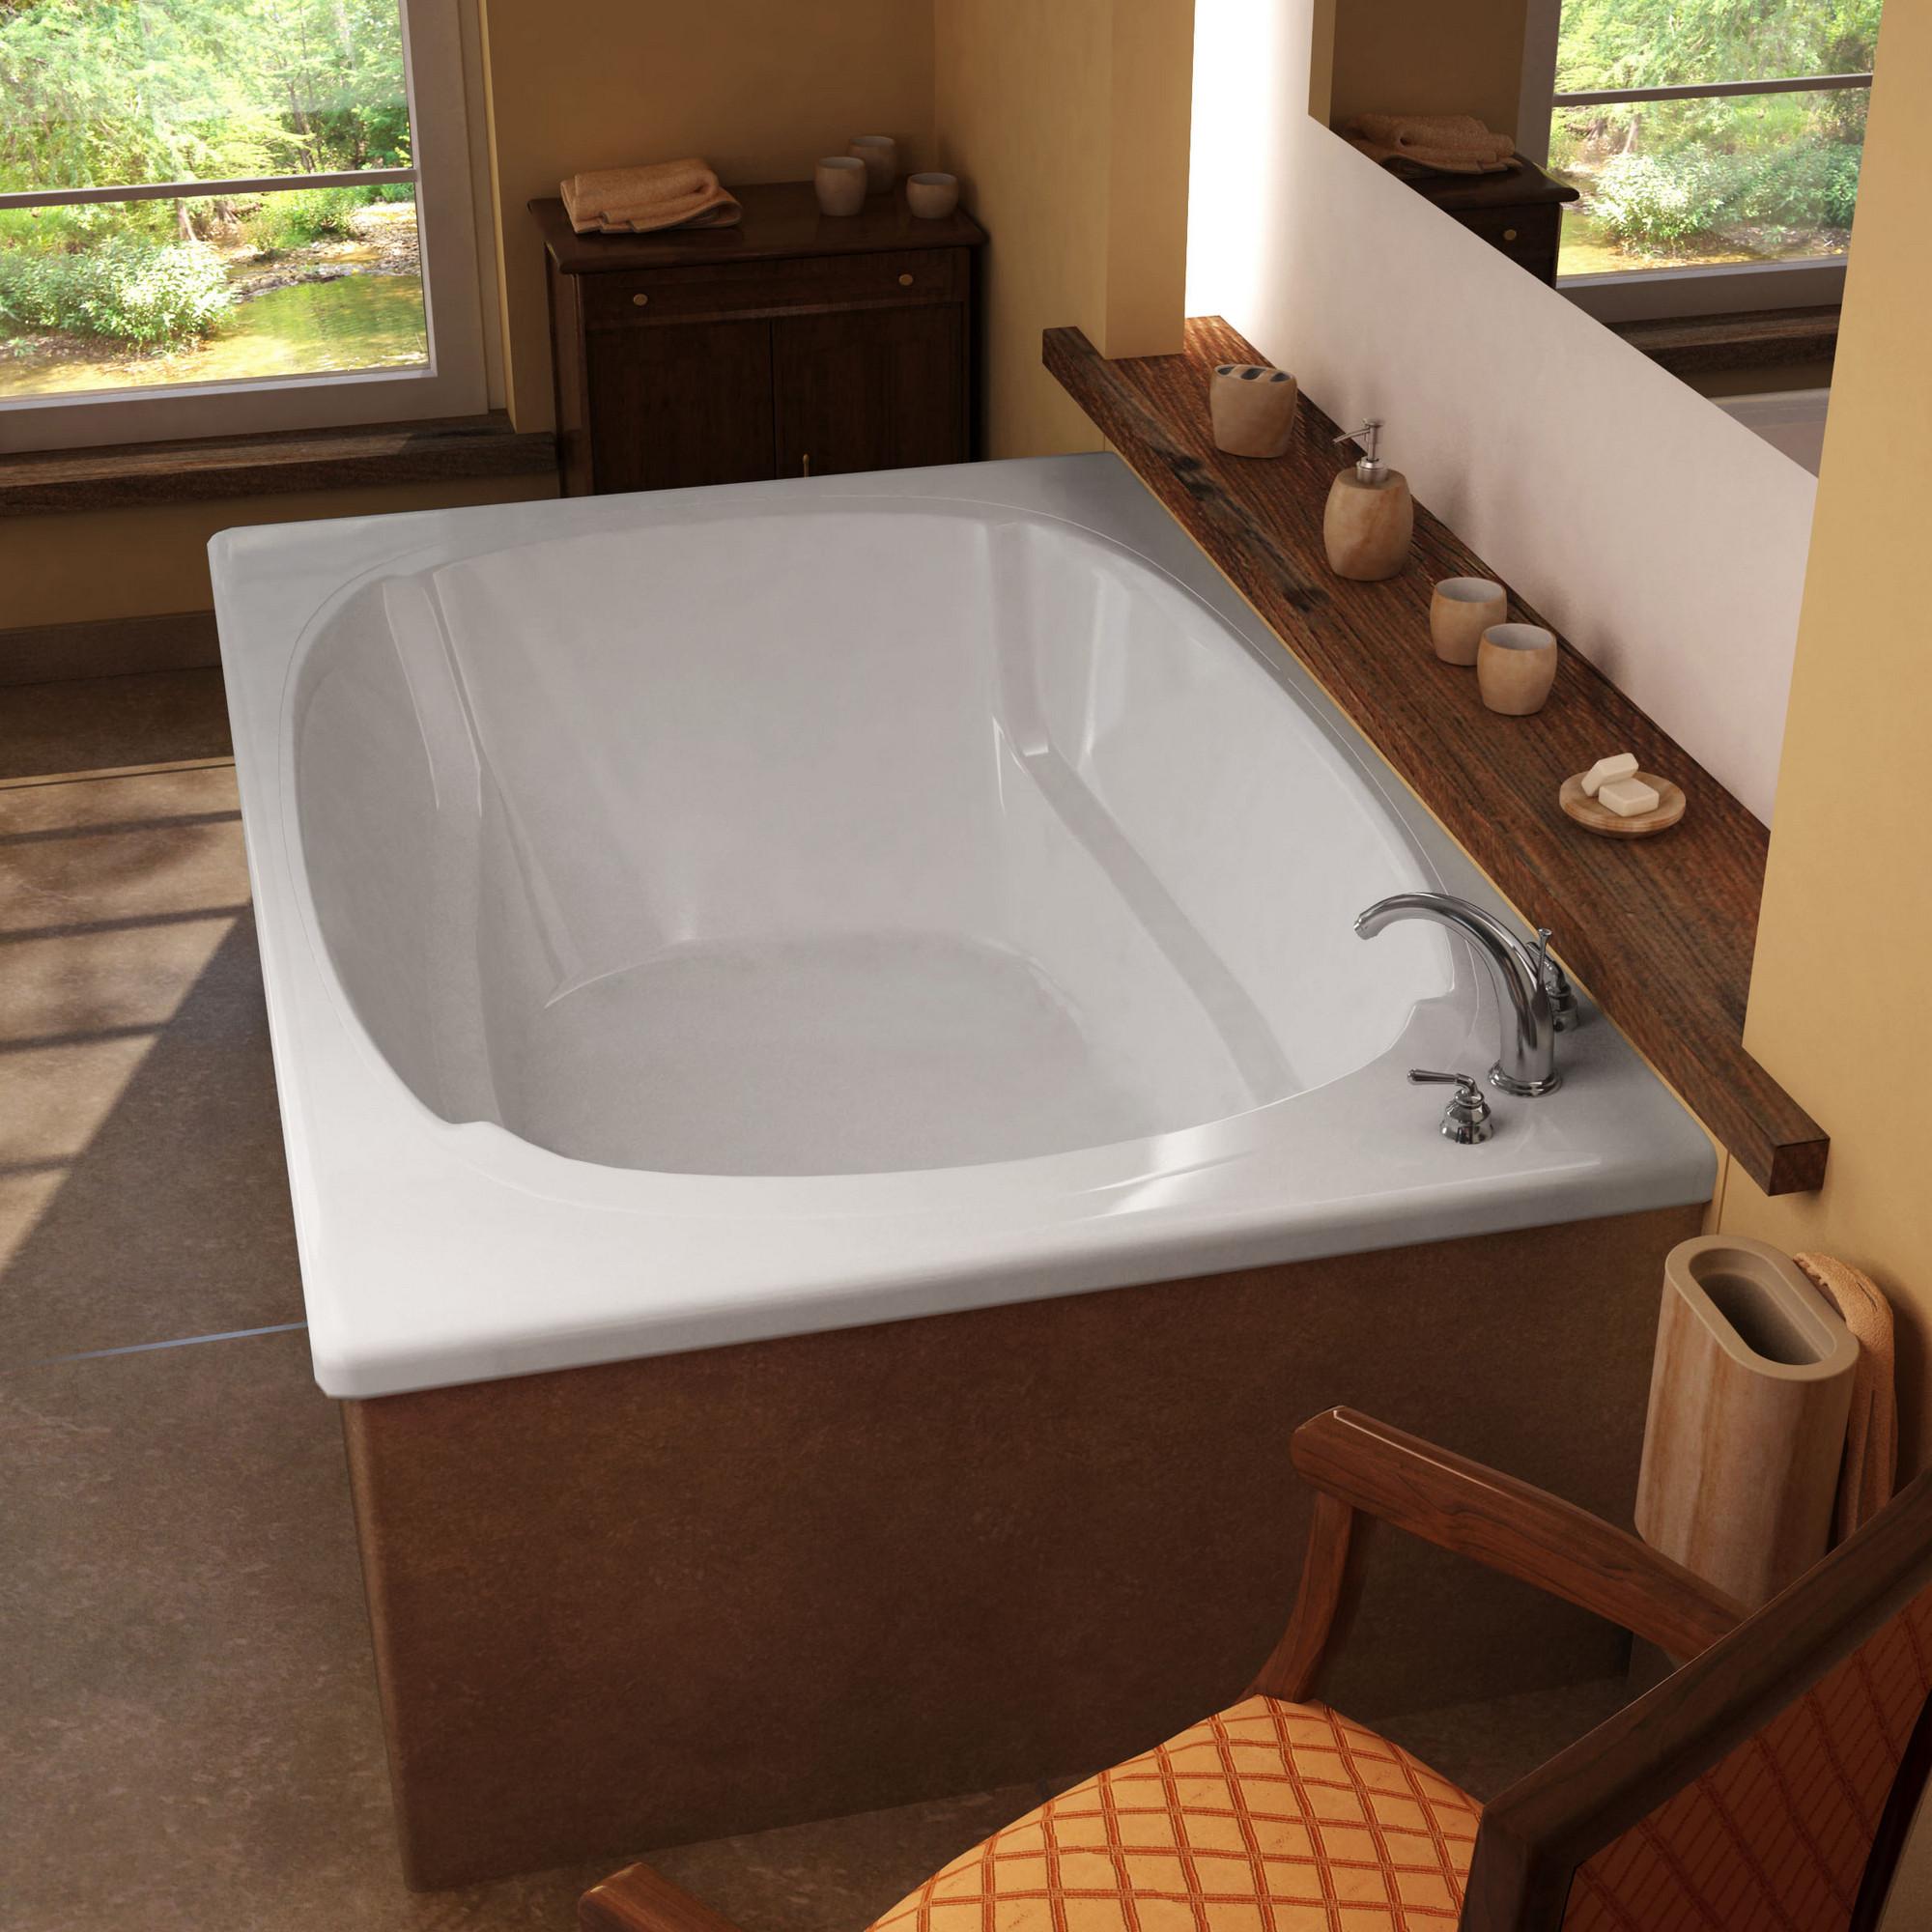 MediTub 4872C Atlantis Charleston 48 x 72 Rectangular Soaking Bathtub